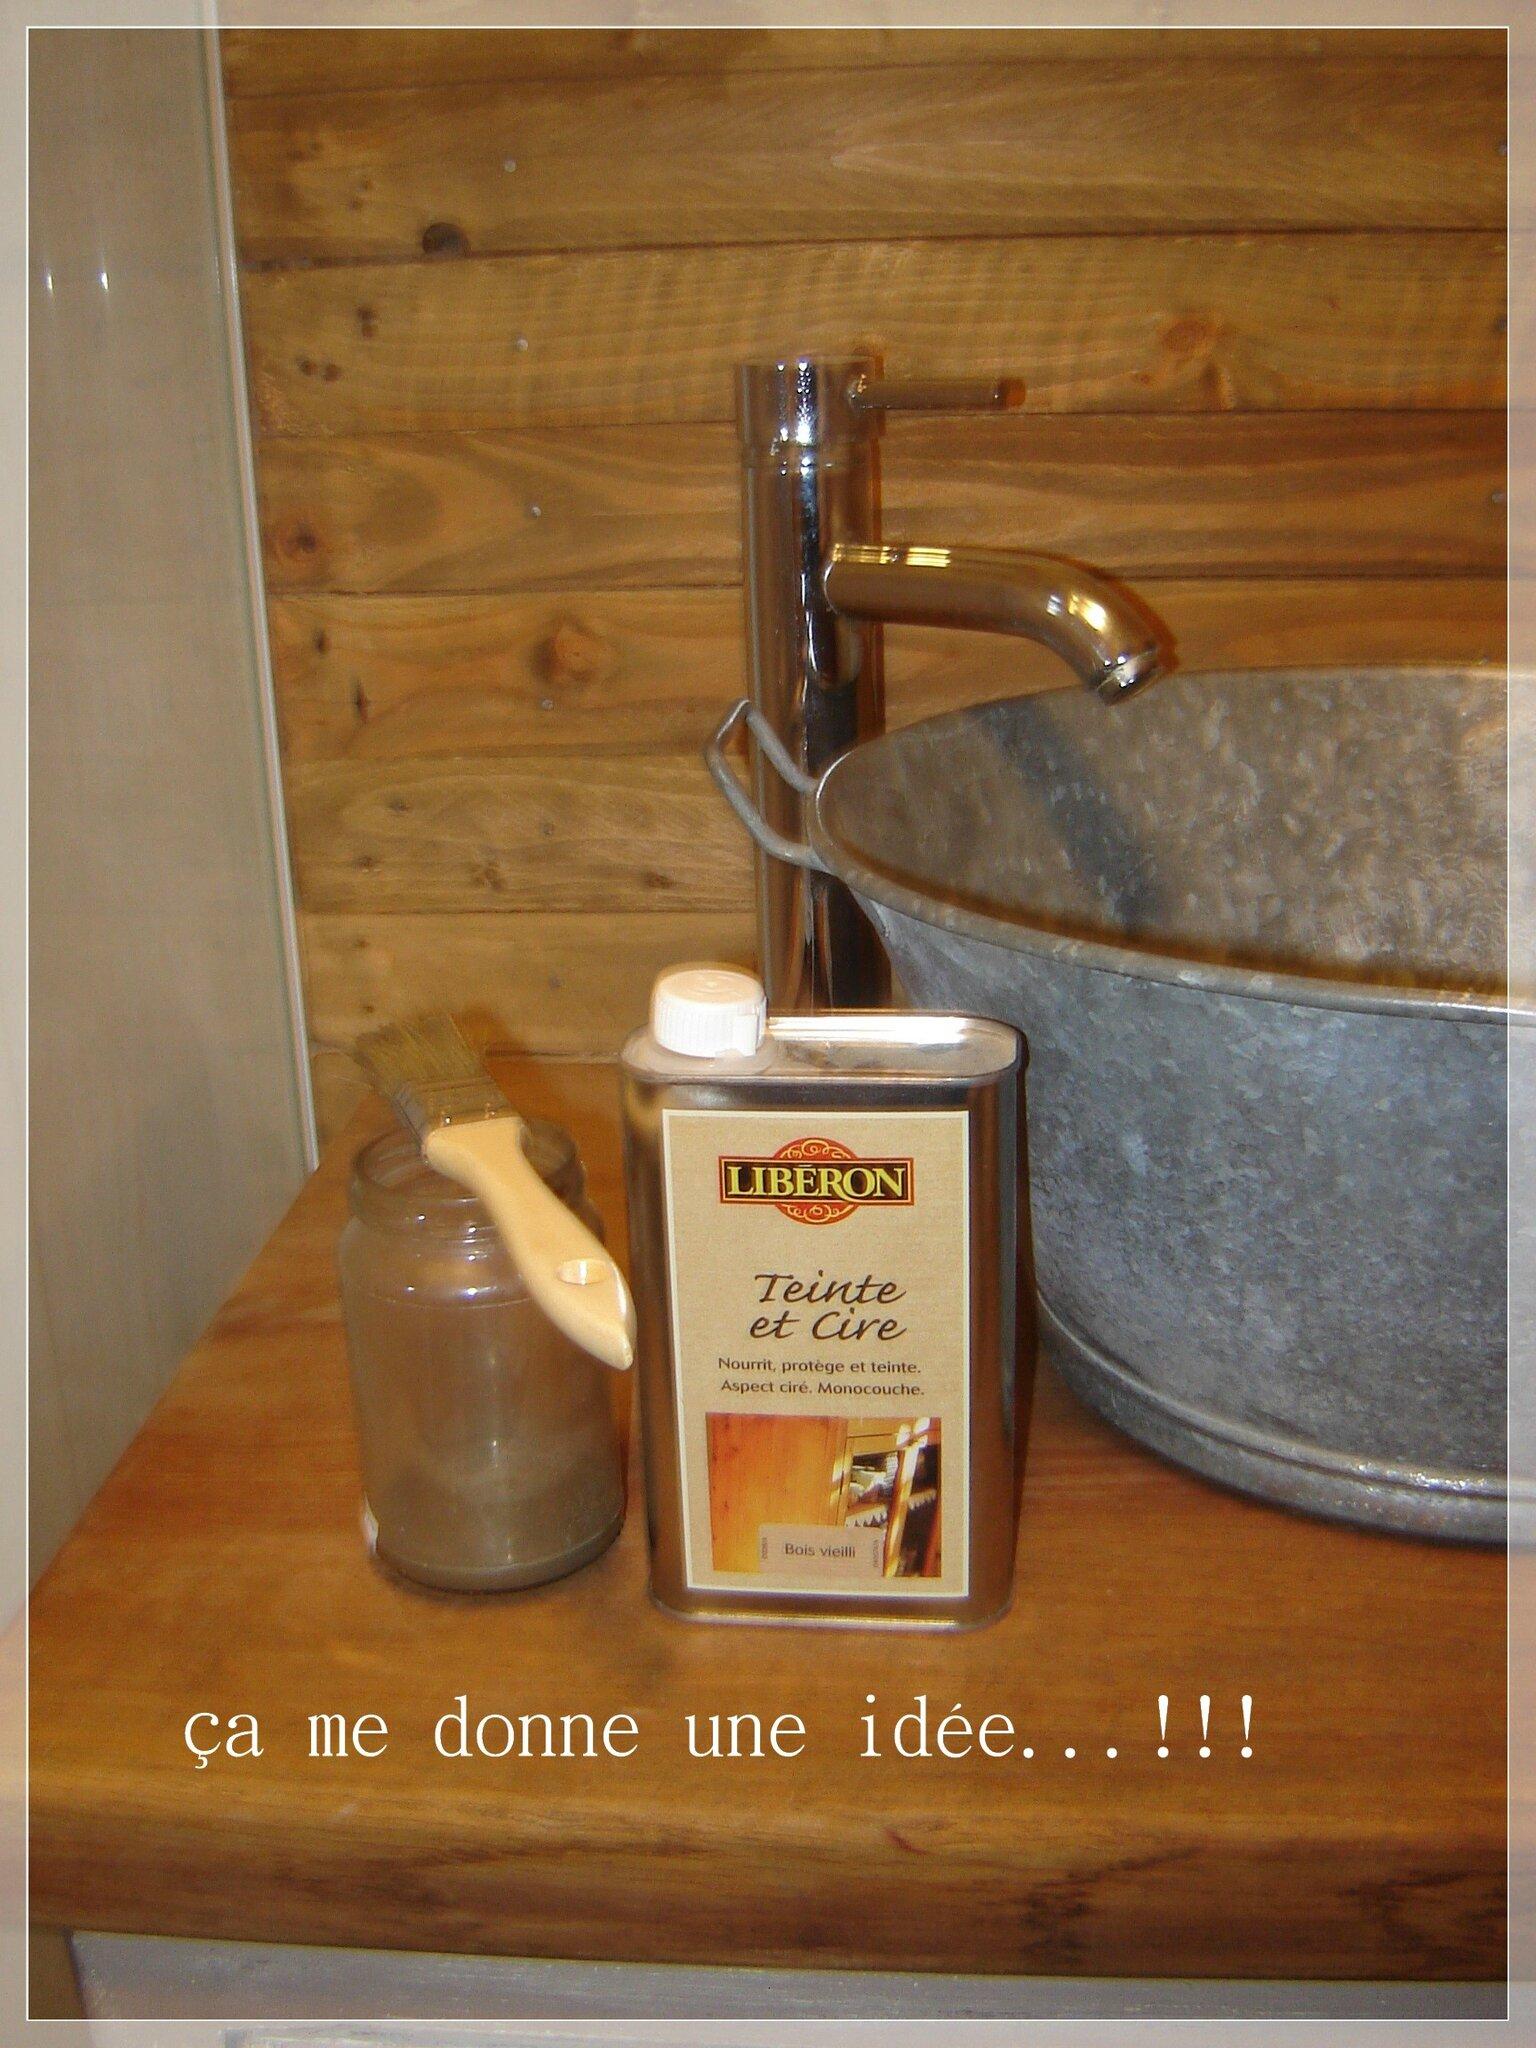 Meuble Salle De Bain Bas Bois ~ chantier salle de bain partie iii a me donne une id e